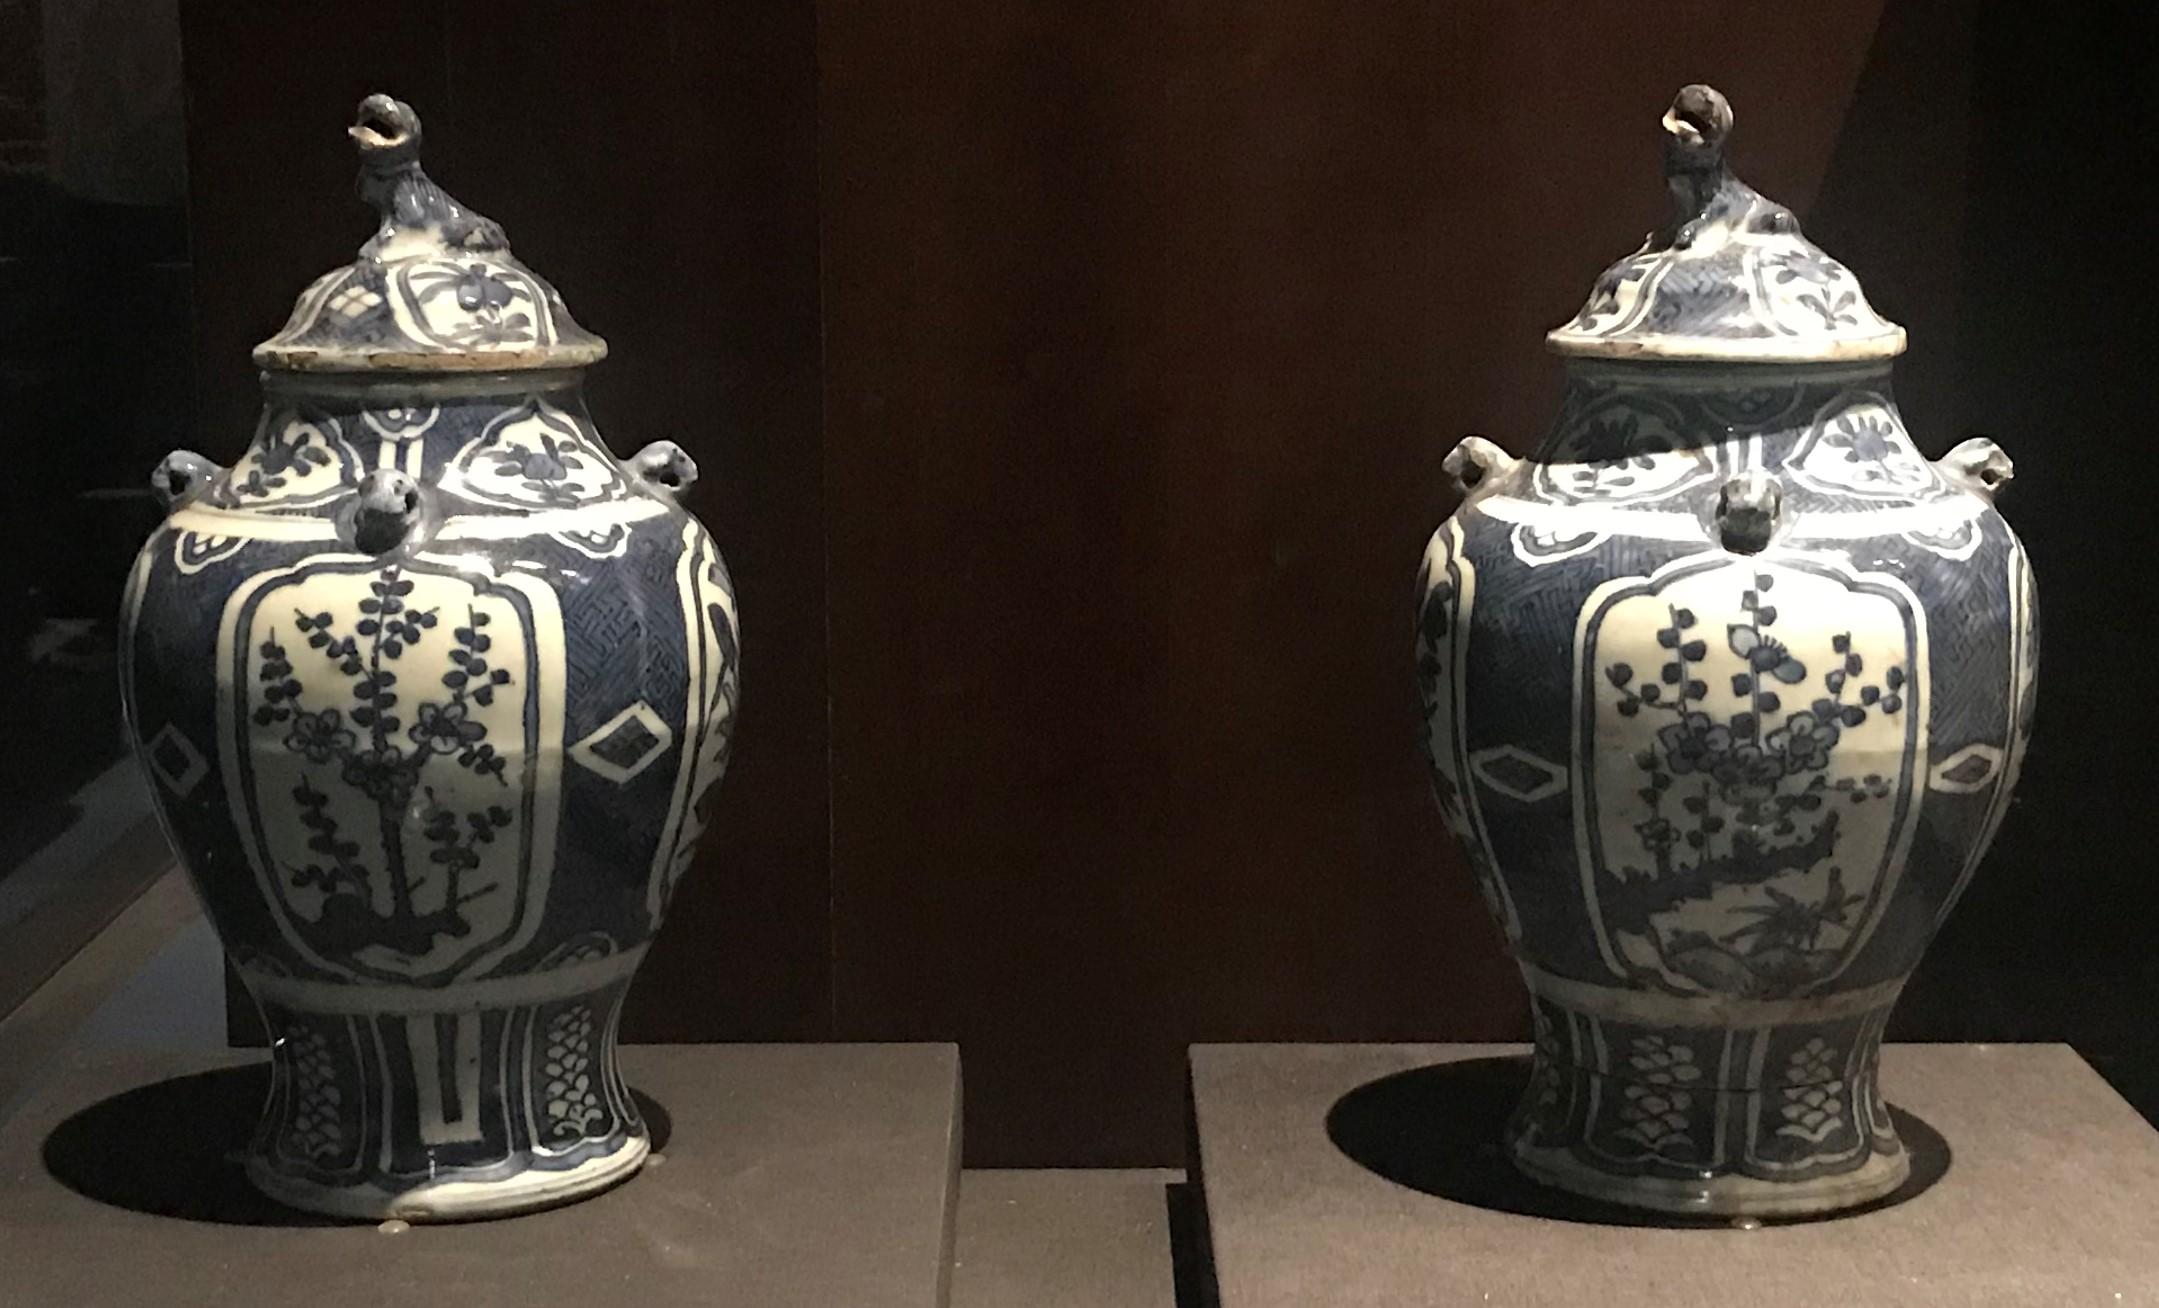 青花四季花卉紋帯蓋磁罐-明清時代-常設展F3-成都博物館